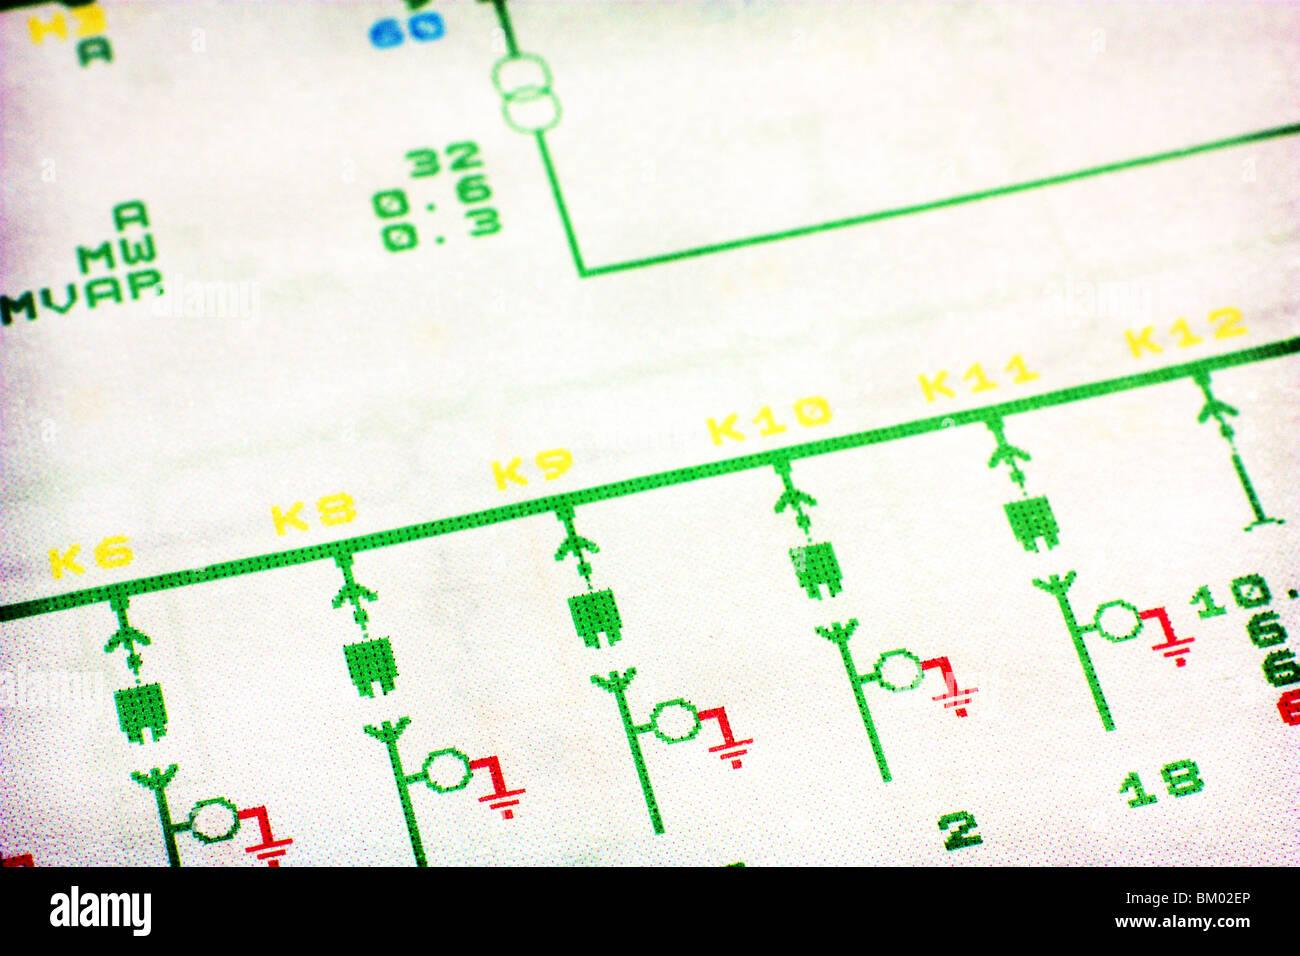 schematics scheme 10 kV voltage current transformer symbol grounding - Stock Image